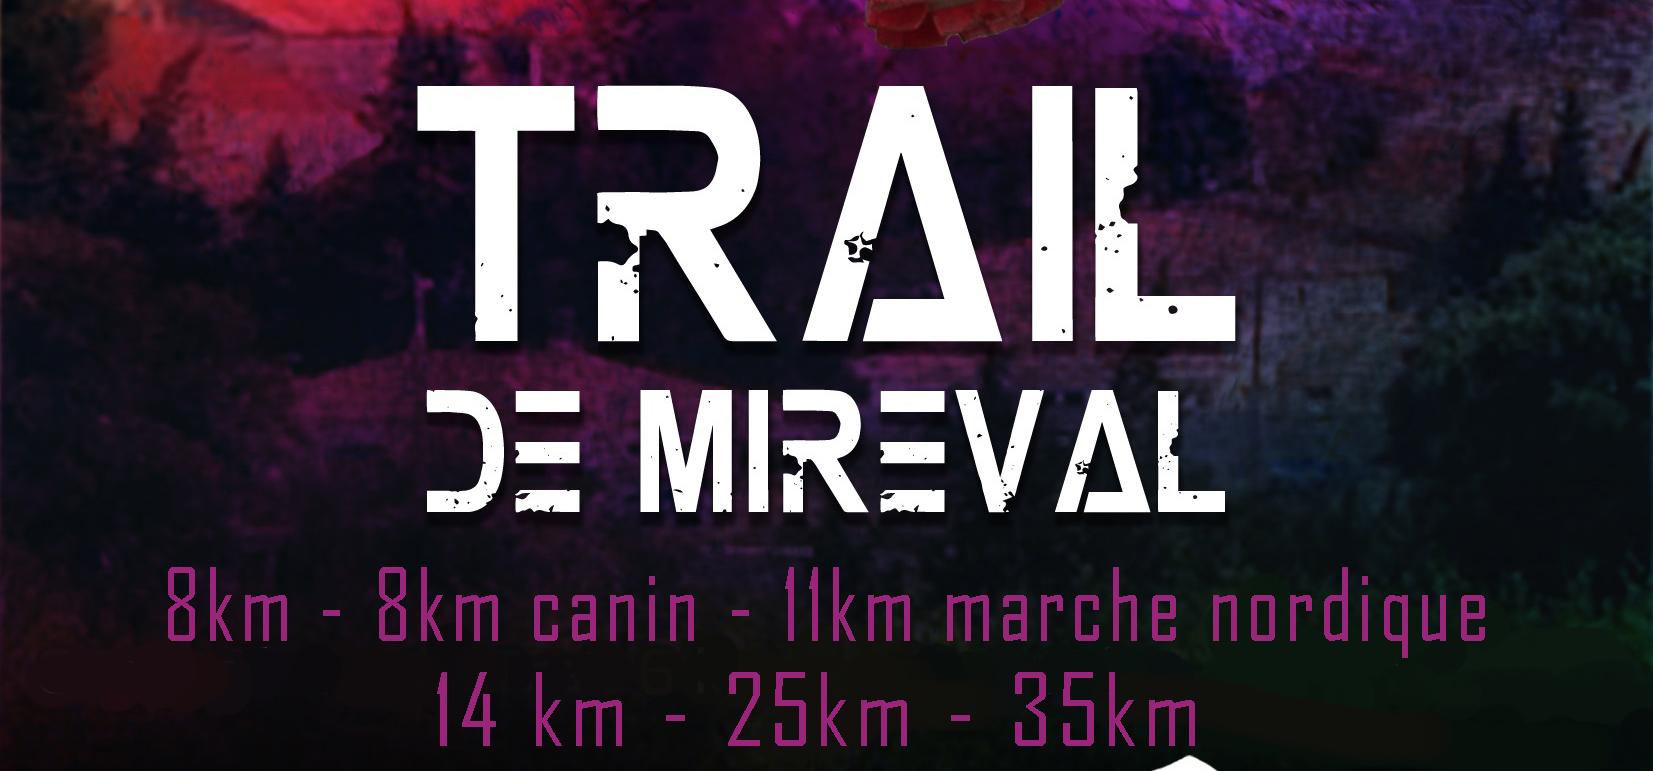 AFFICHE TRAIL DE MIREVAL 2.2017 - Copie (2) (1)-Récupéré